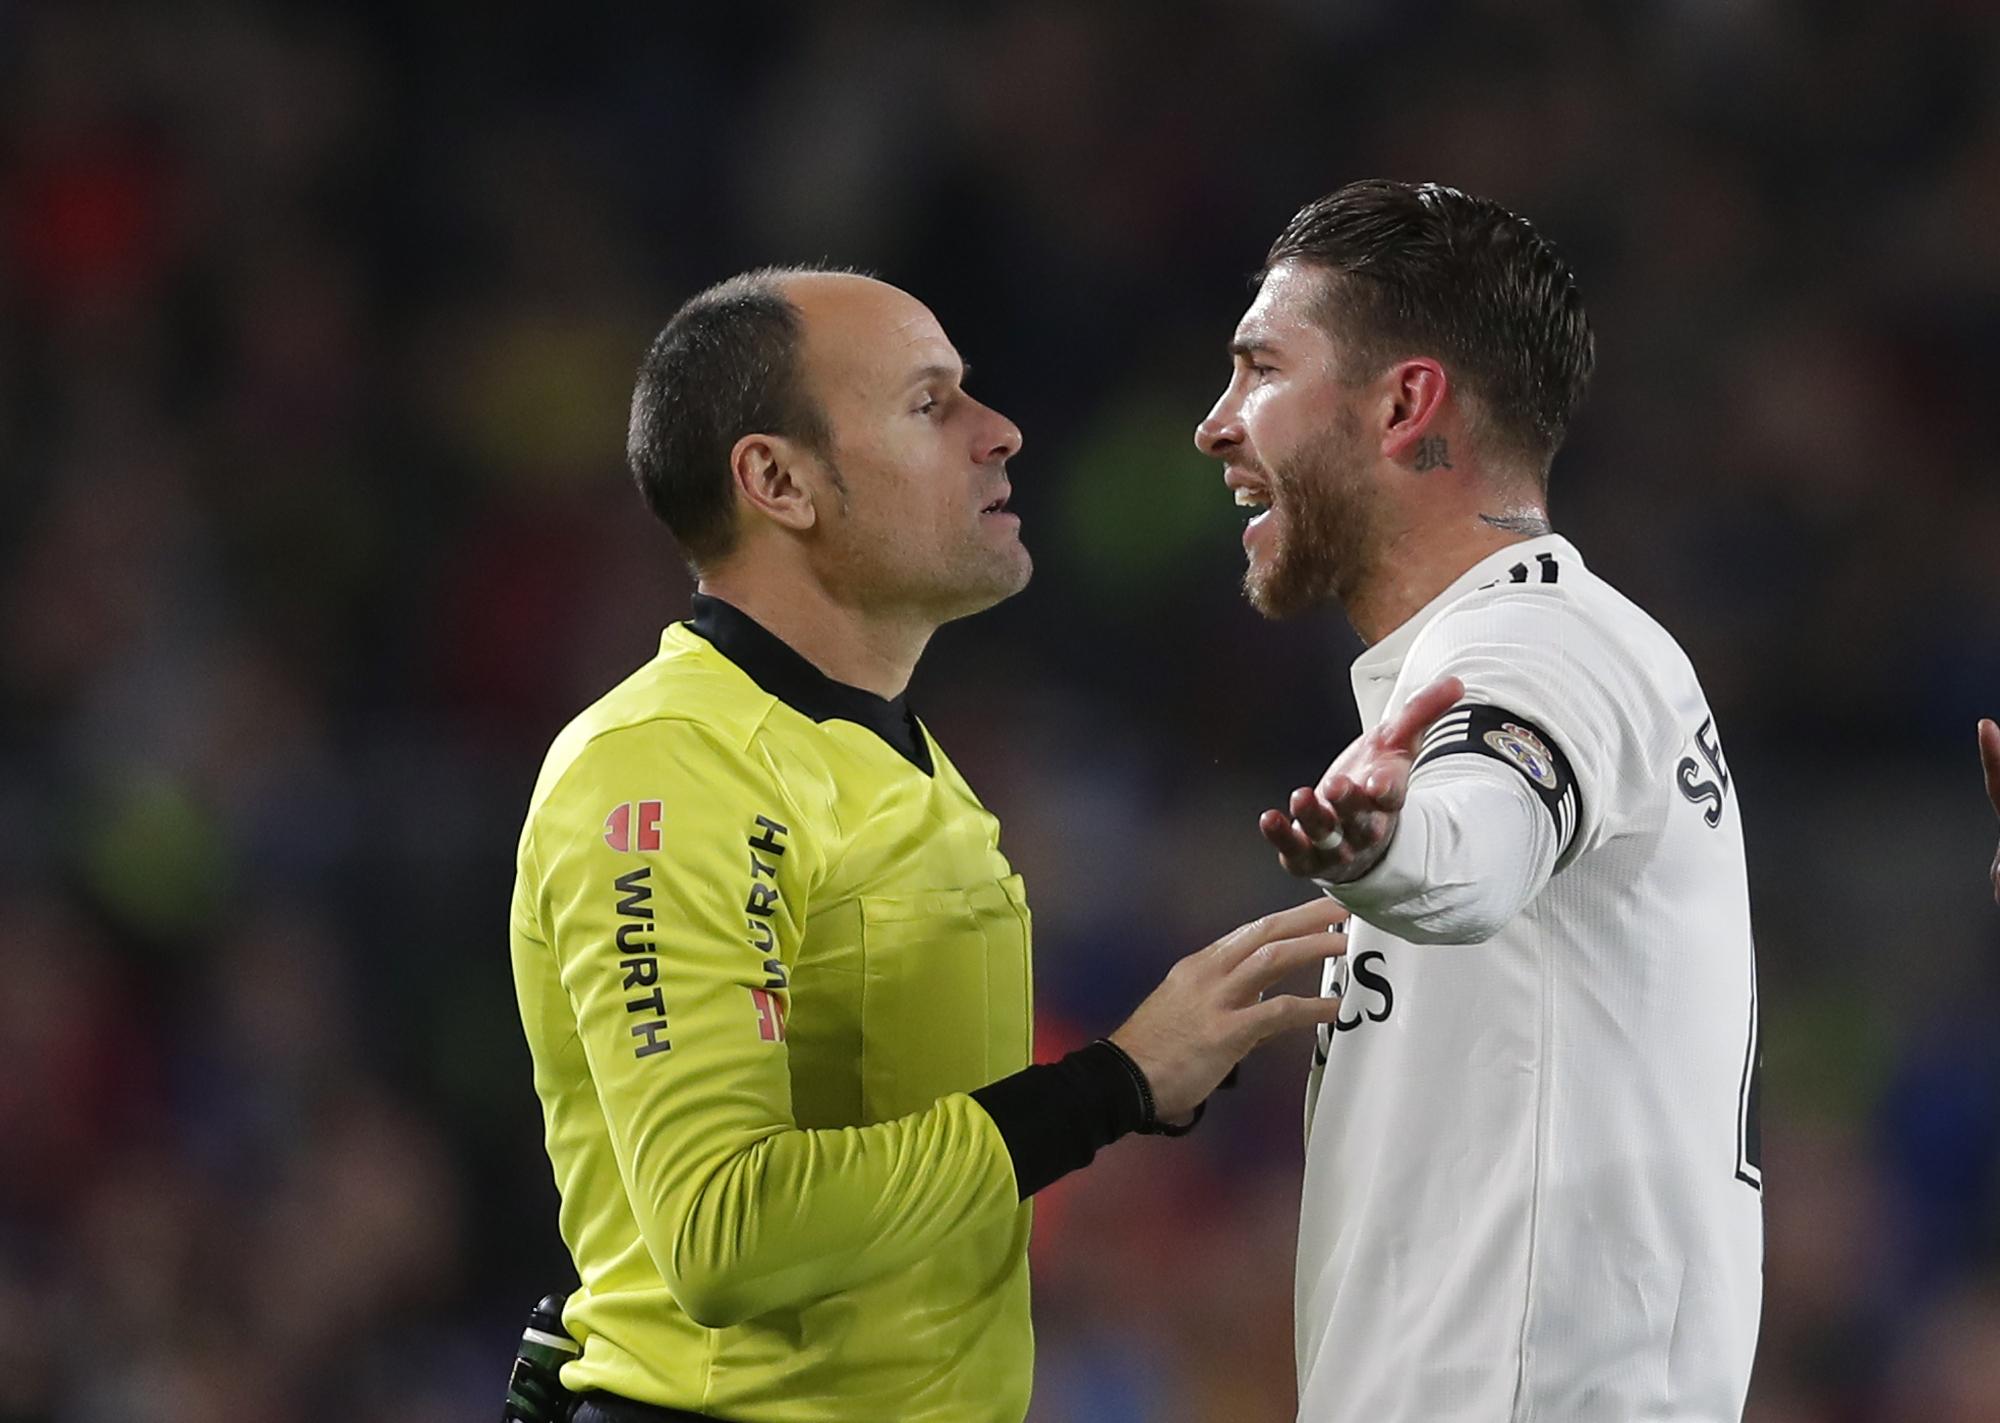 沙治奧拉莫斯(右)就西盃四強首回合被罰的黃牌上訴被駁回。AP